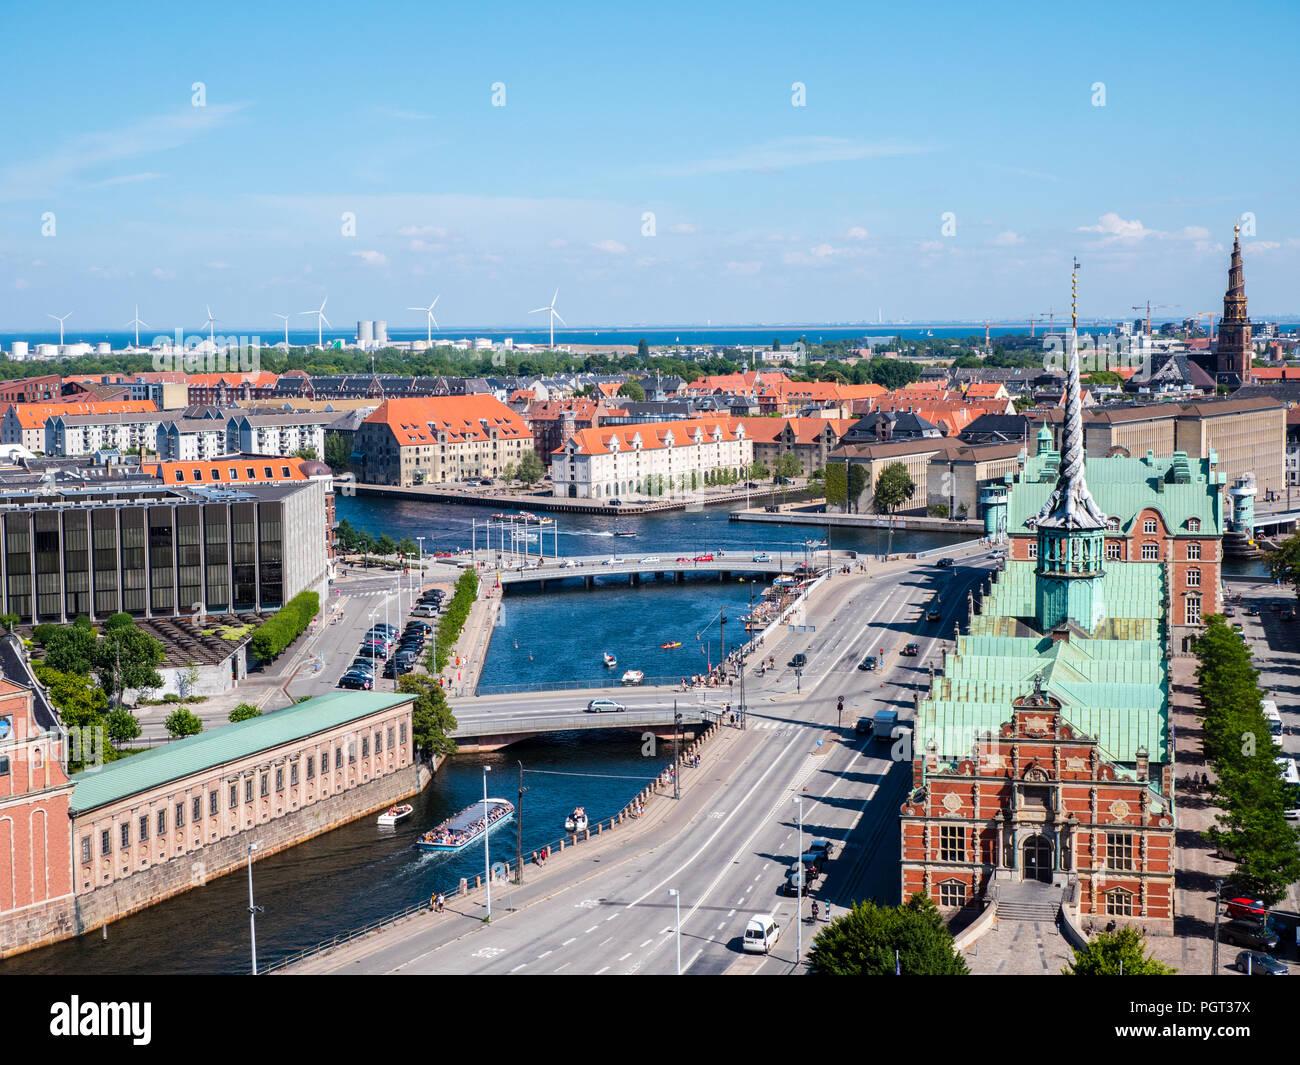 Børsen, The Old Stock Exchange, Slotsholmen, Copenhagen, Zealand, Denmark, Europe. - Stock Image